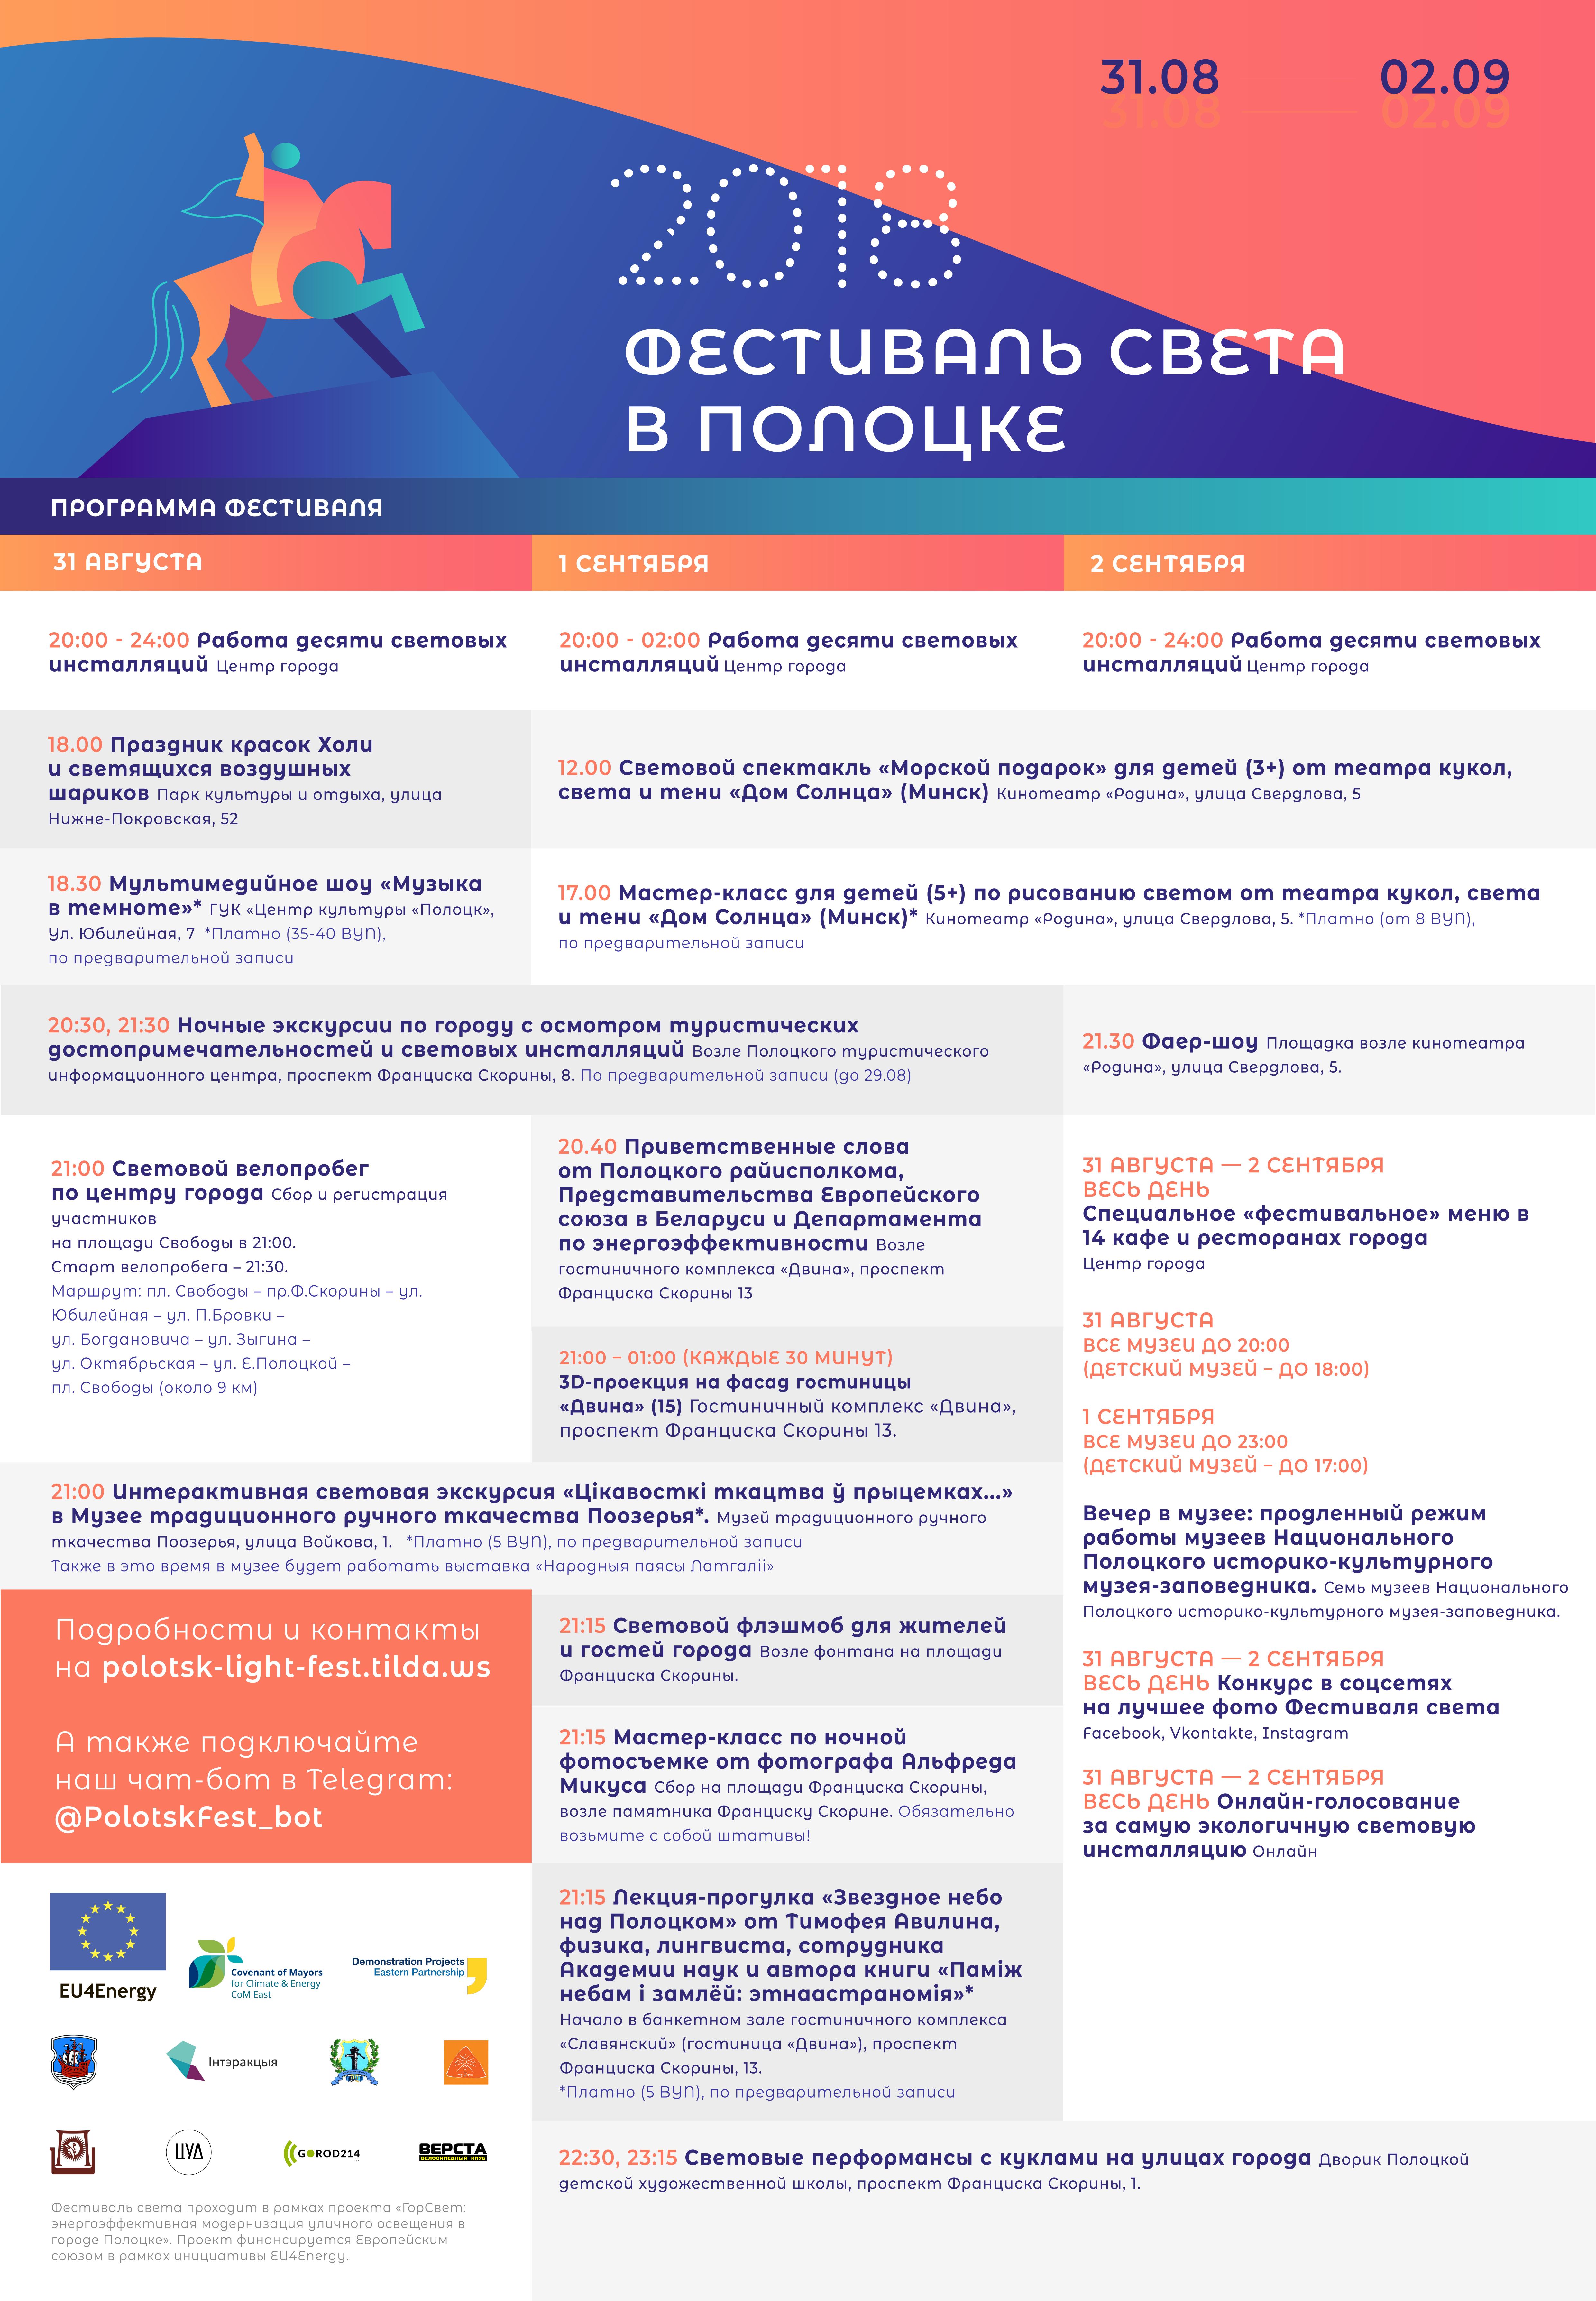 Фестиваль cвета в Полоцке. 31 августа - 2 сентября 2018 г.